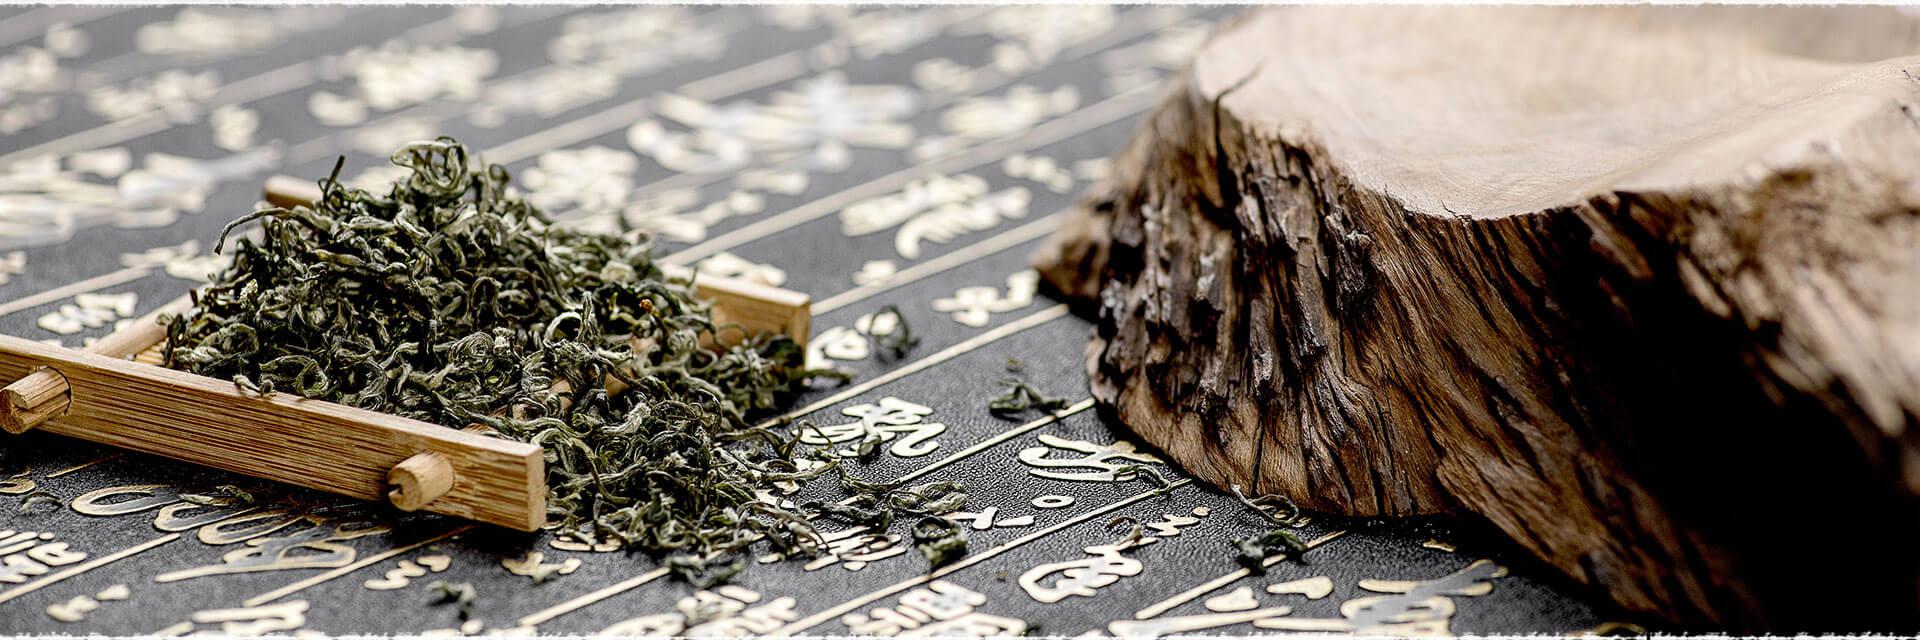 L'étonnant thé vert chinois Bi Luo Chun